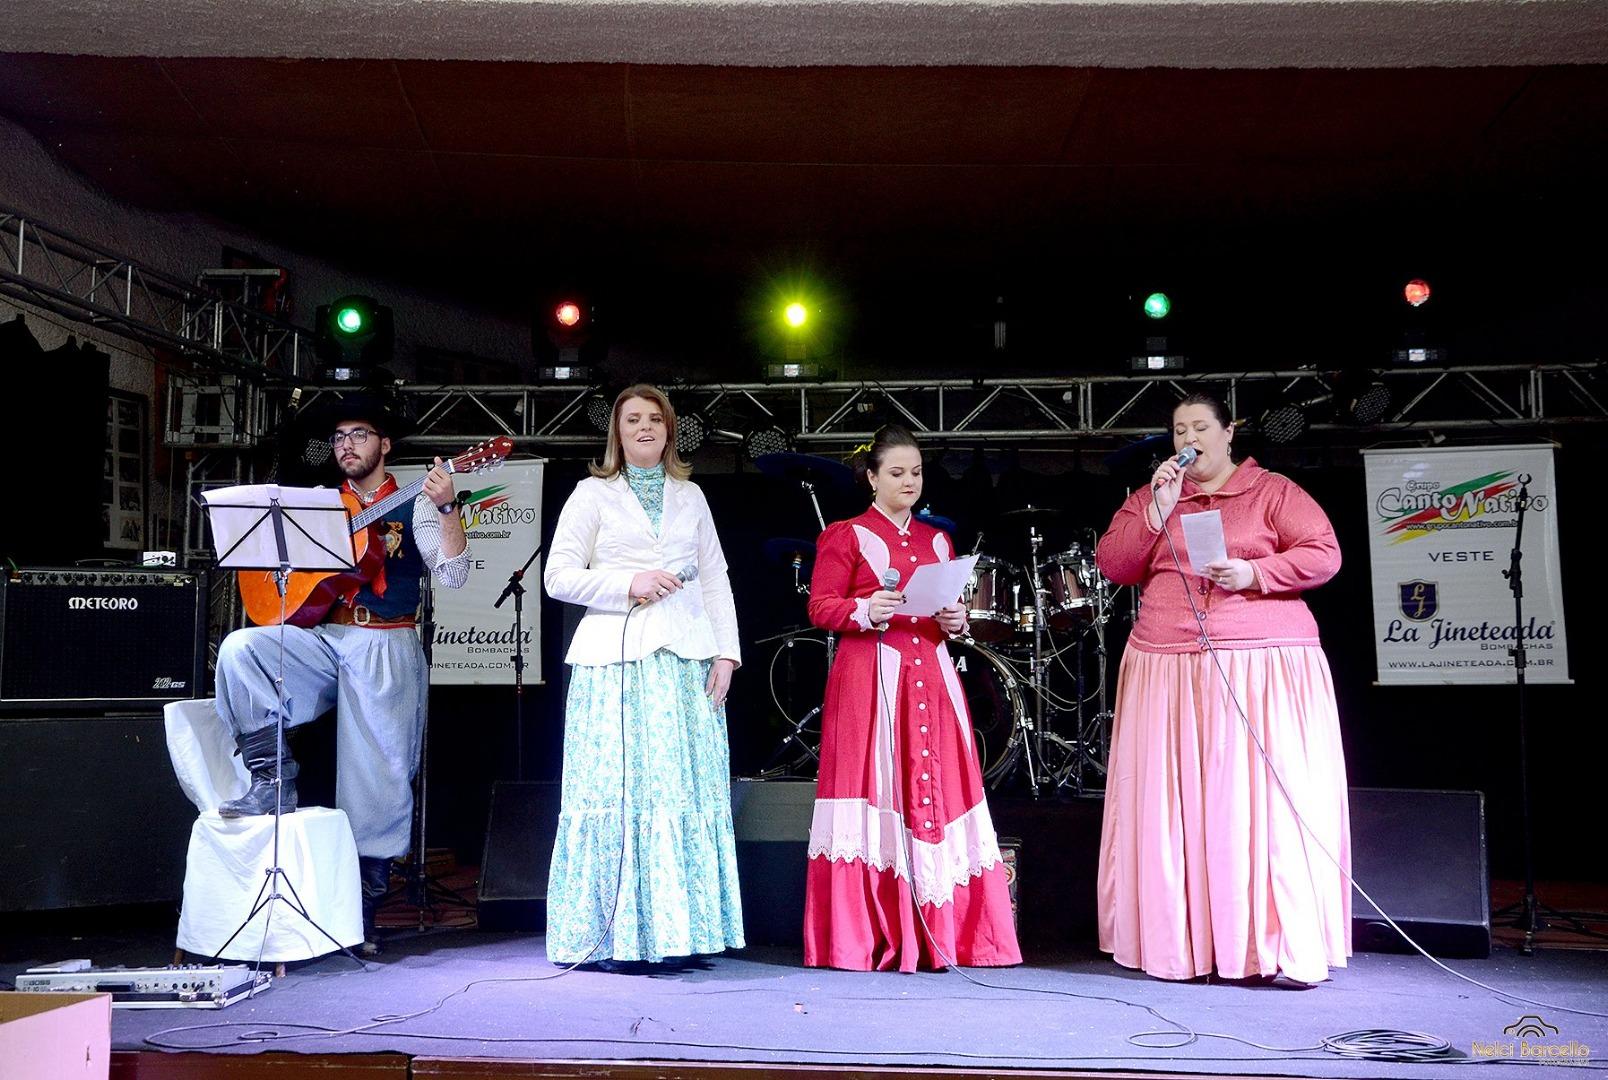 CTG Porteira Aberta realiza jantar em homenagem aos pais e apresentações artísticas